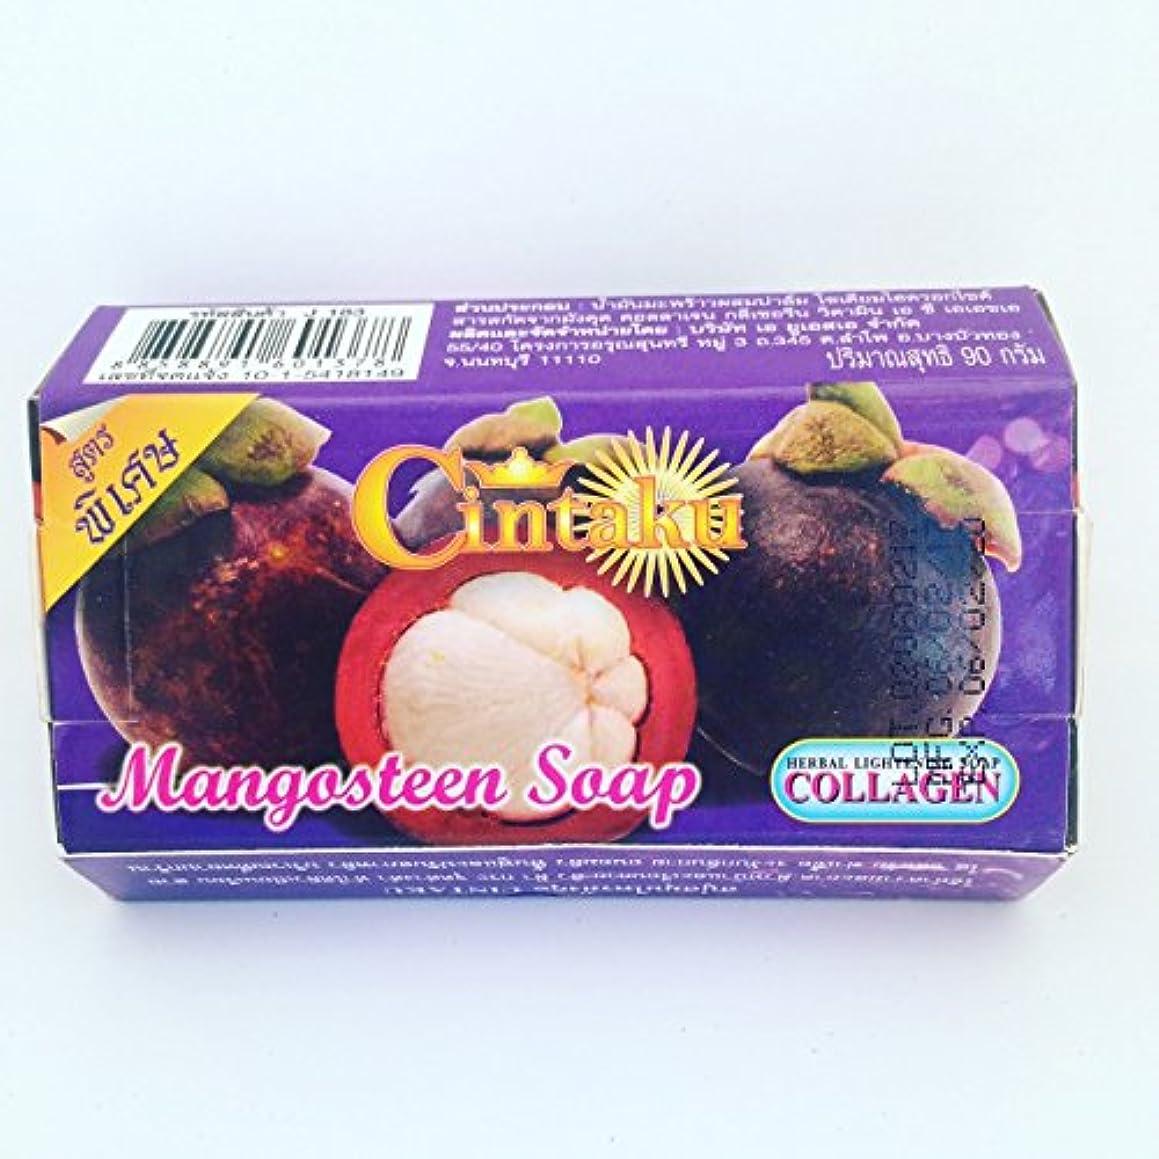 なので眉をひそめる道を作るCintaku マンゴスチン ソープ コラーゲン配合 90g 1個 Mangosteen Soap COLLAGEN